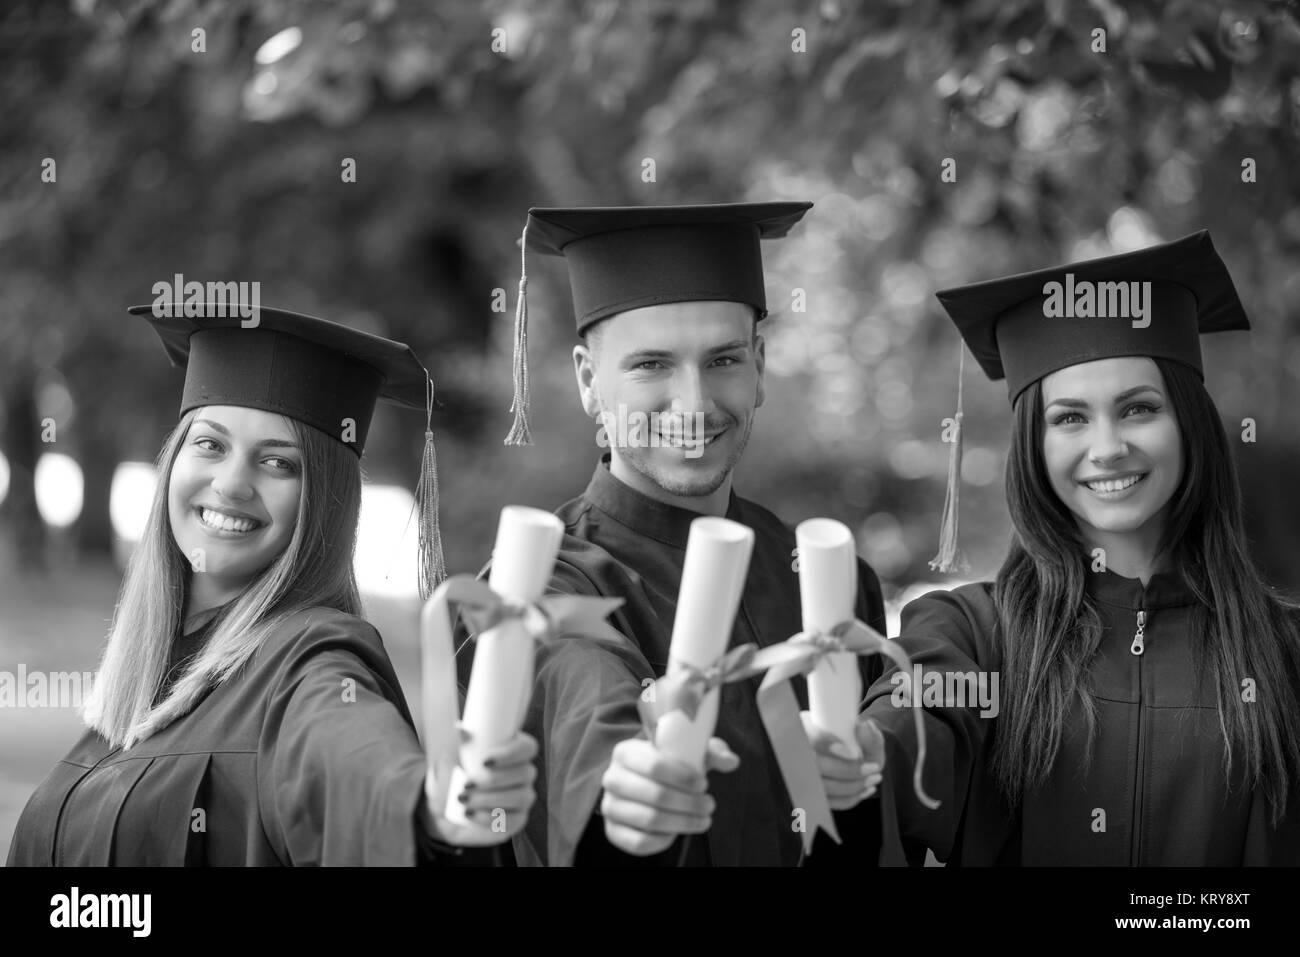 4a14dcc40 Estudiantes Internacionales Celebrando La Graduación Imágenes De ...